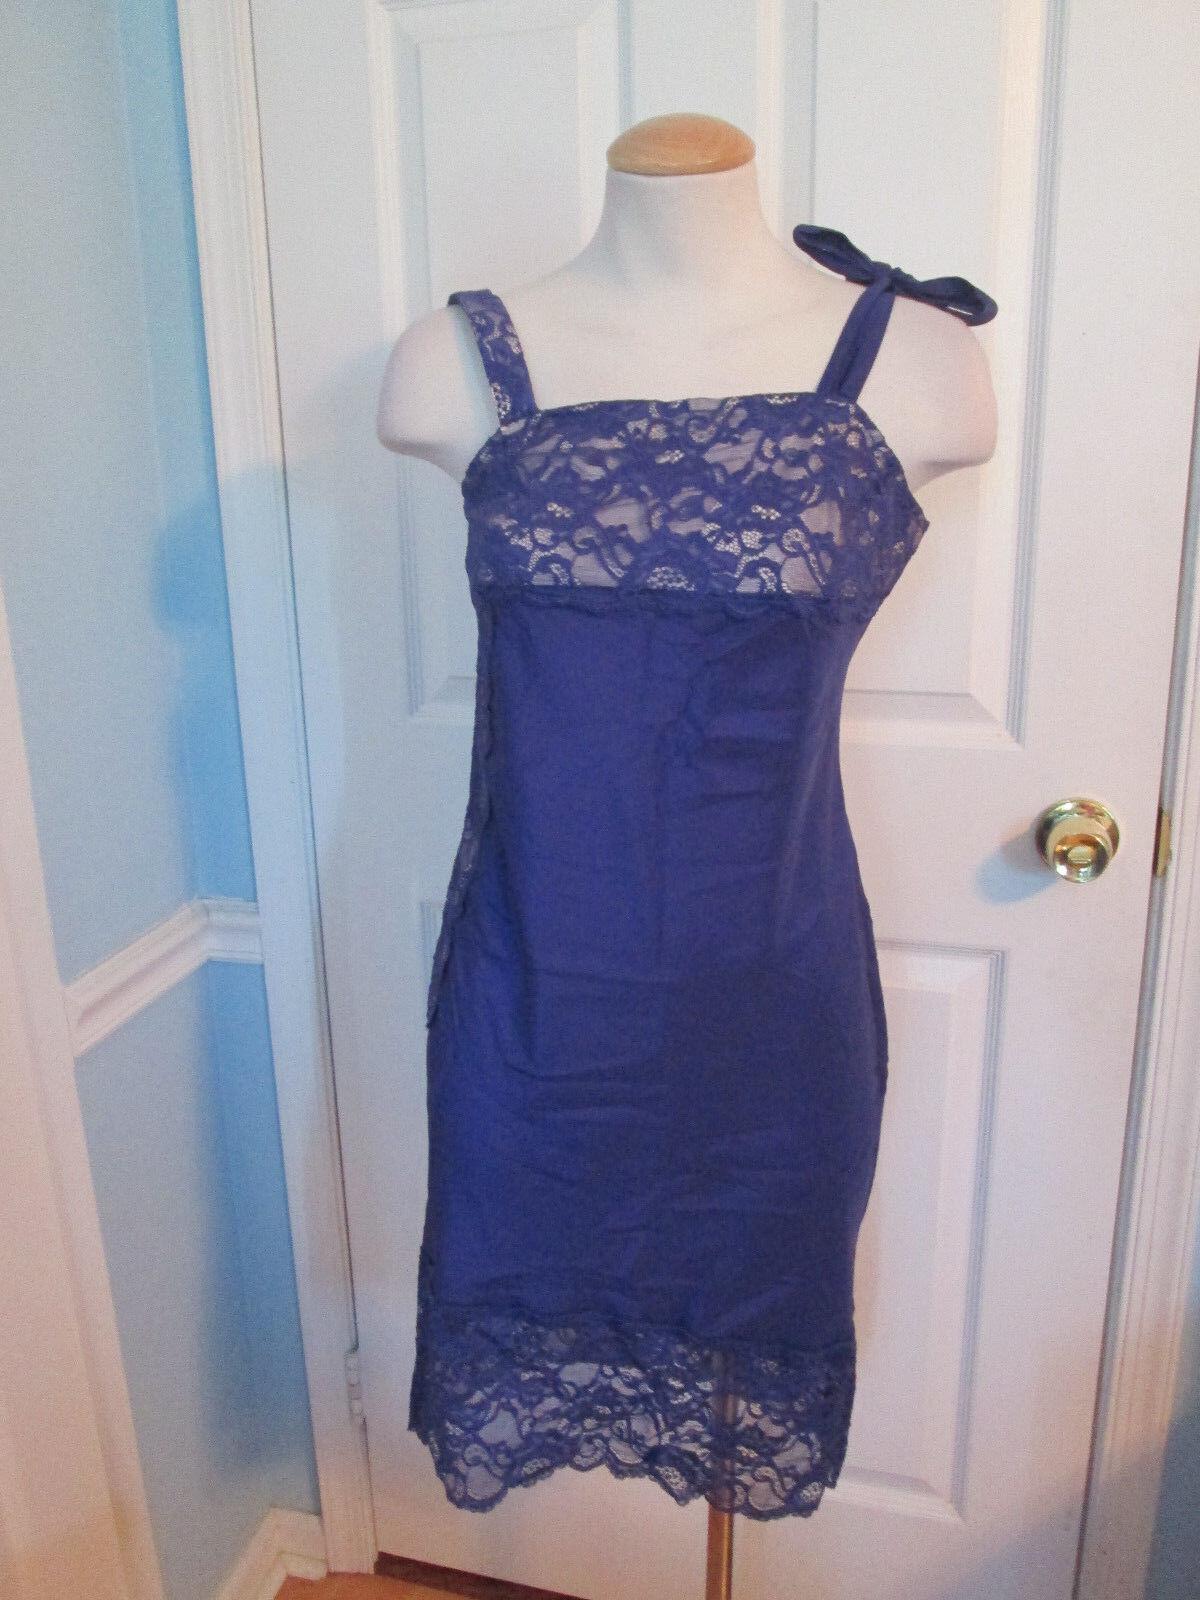 Victoria secret lace nude purple dress 2 new